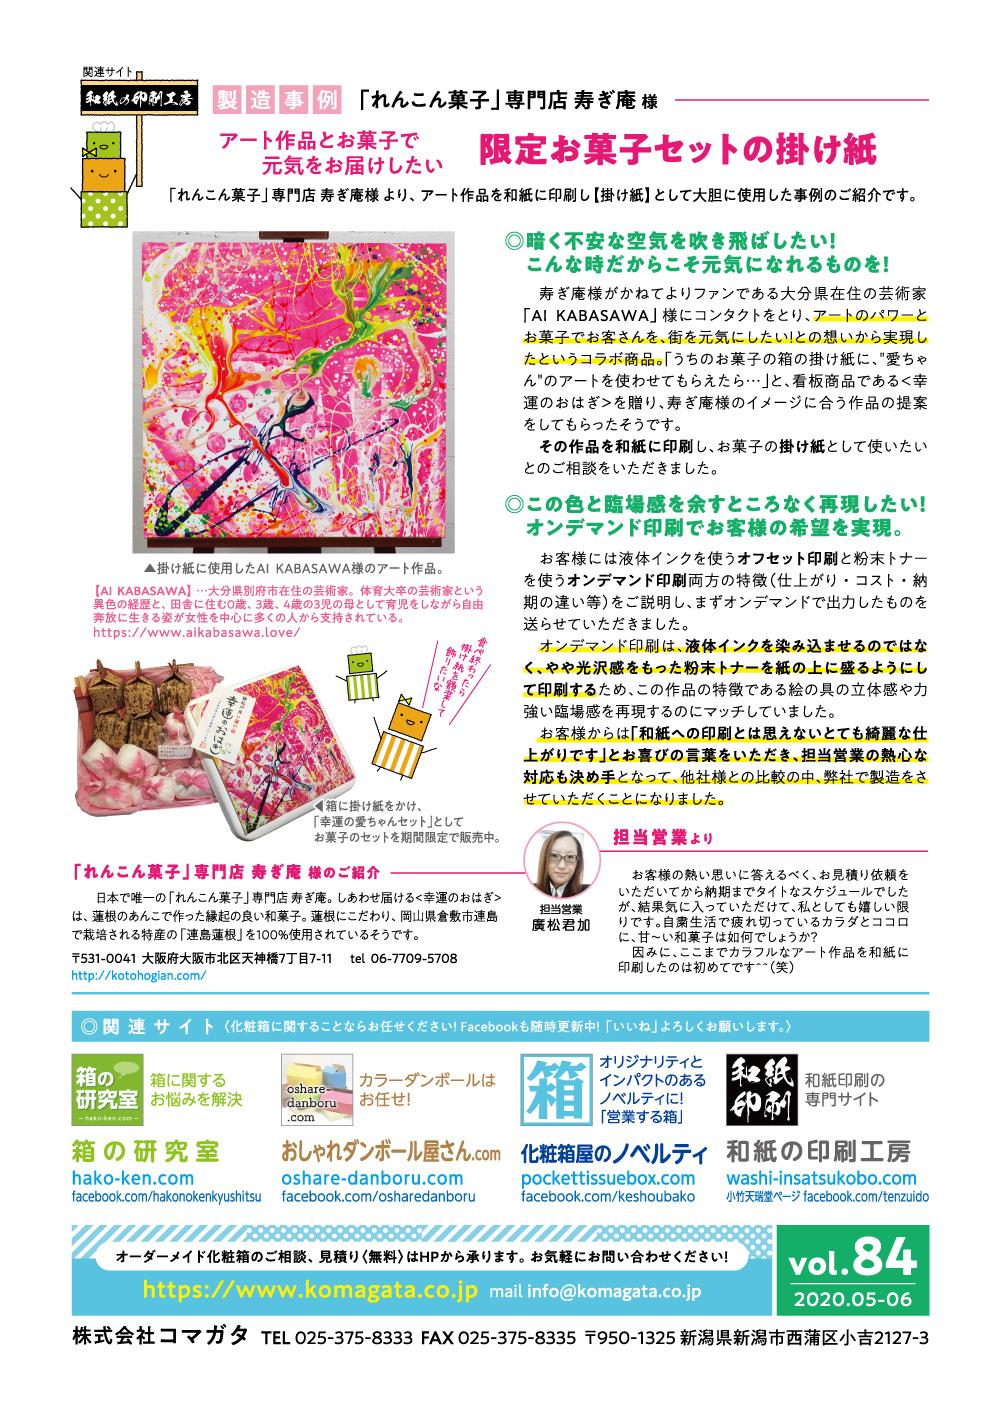 コマガタ通信vol-84裏